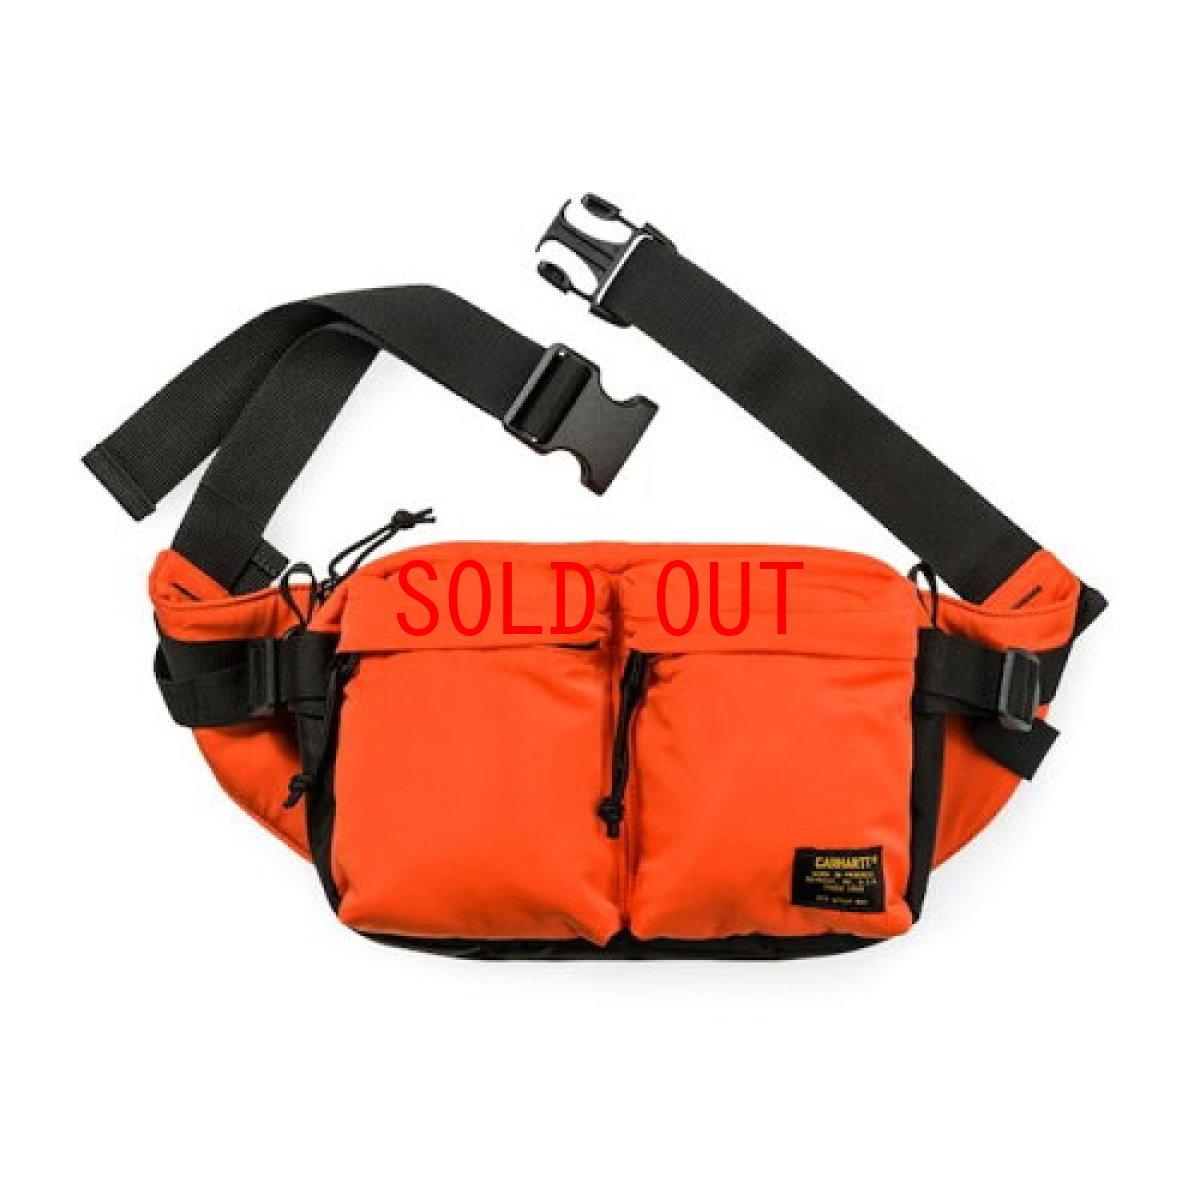 画像1: Carhartt WIP(カーハート ワークインプログレス) Military Hip Bag Camo Combat Orange Black ヒップ バッグ ウエスト (1)